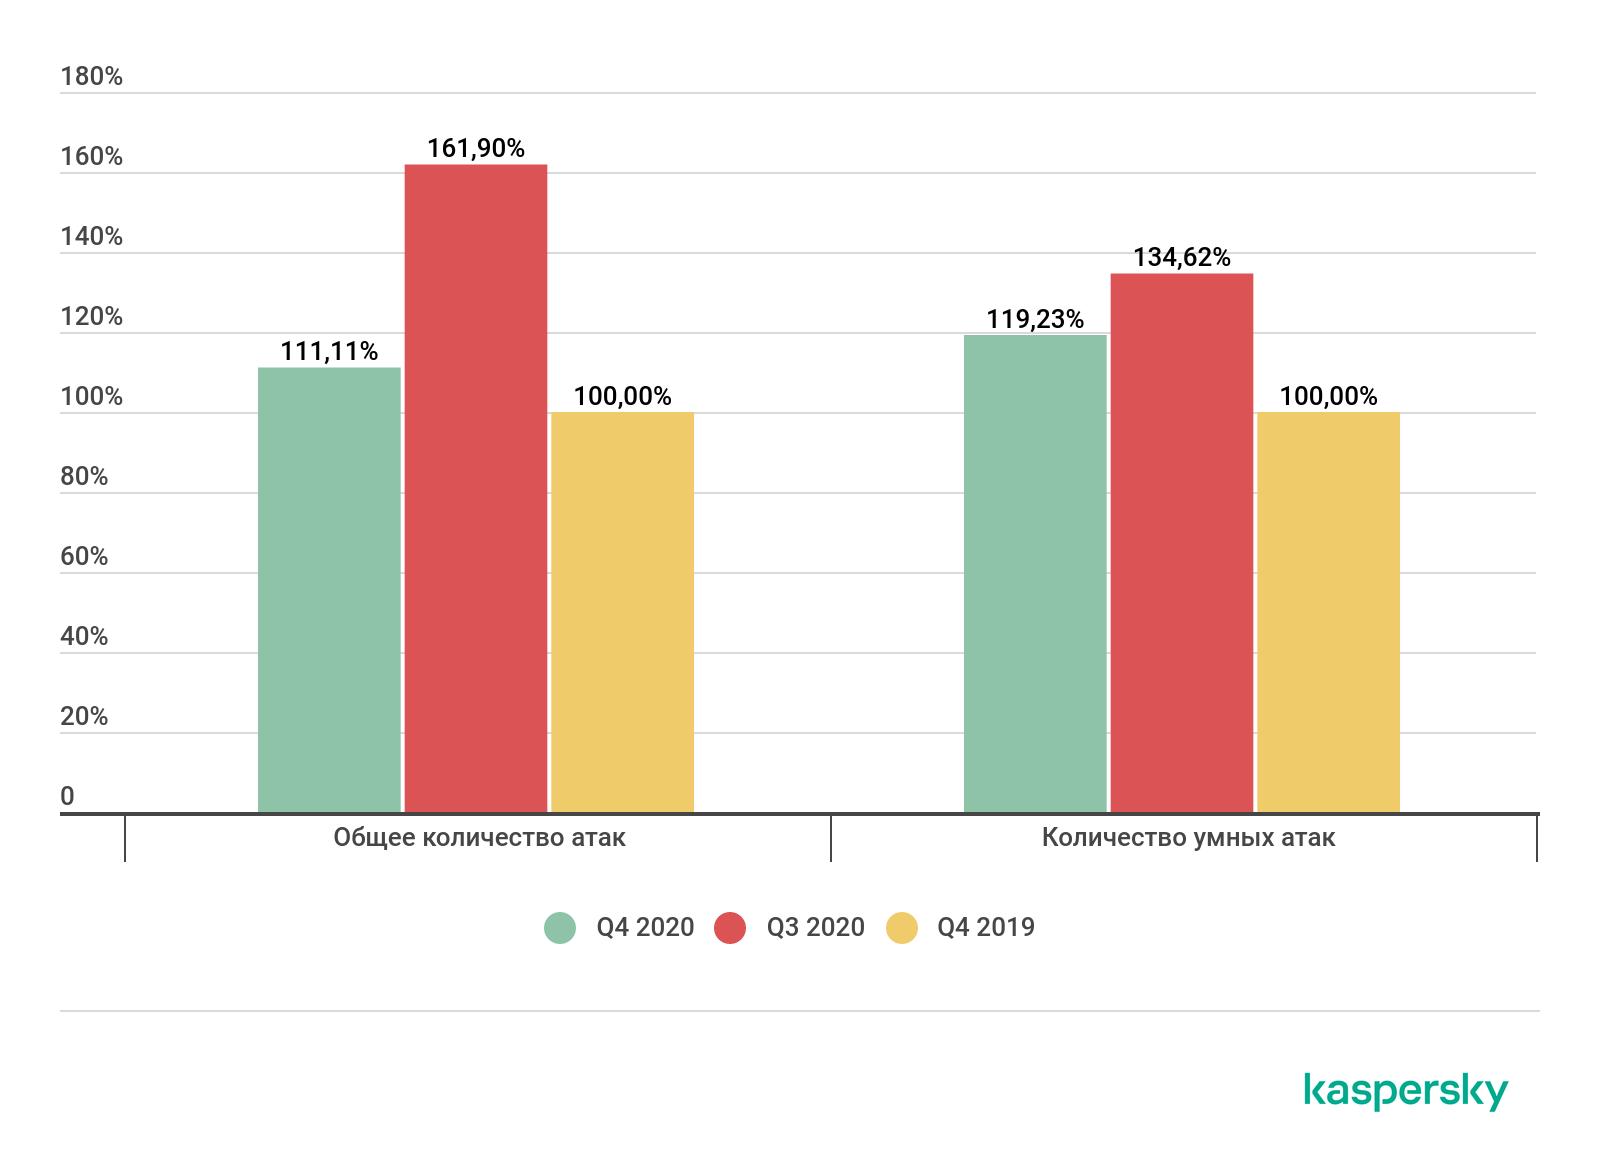 Сравнительное количество DDoS-атак в третьем и четвертом кварталах 2020 года. За 100% приняты данные за четвертый квартал 2019 года